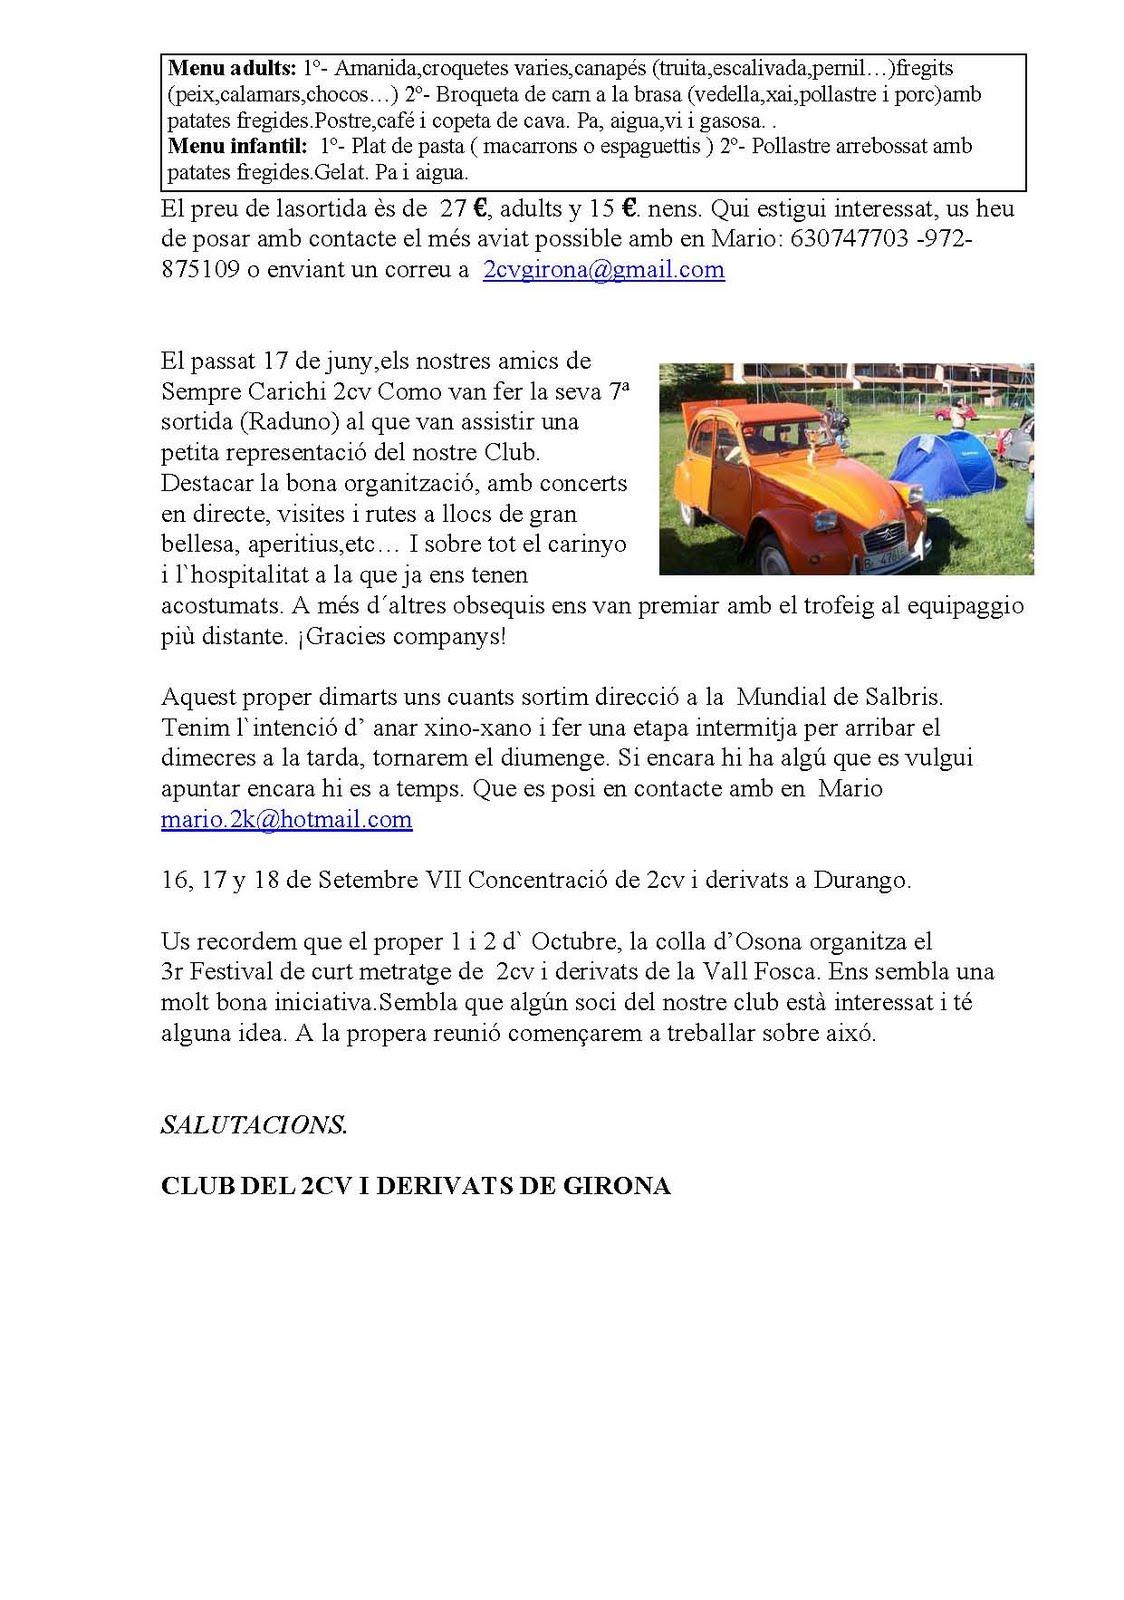 Salida 20 de Agosto CLUB 2CV I DERIVATS DE GIRONA BOLETIN+INFO.JUL+2011-Catal%25C3%25A0_P%25C3%25A1gina_2